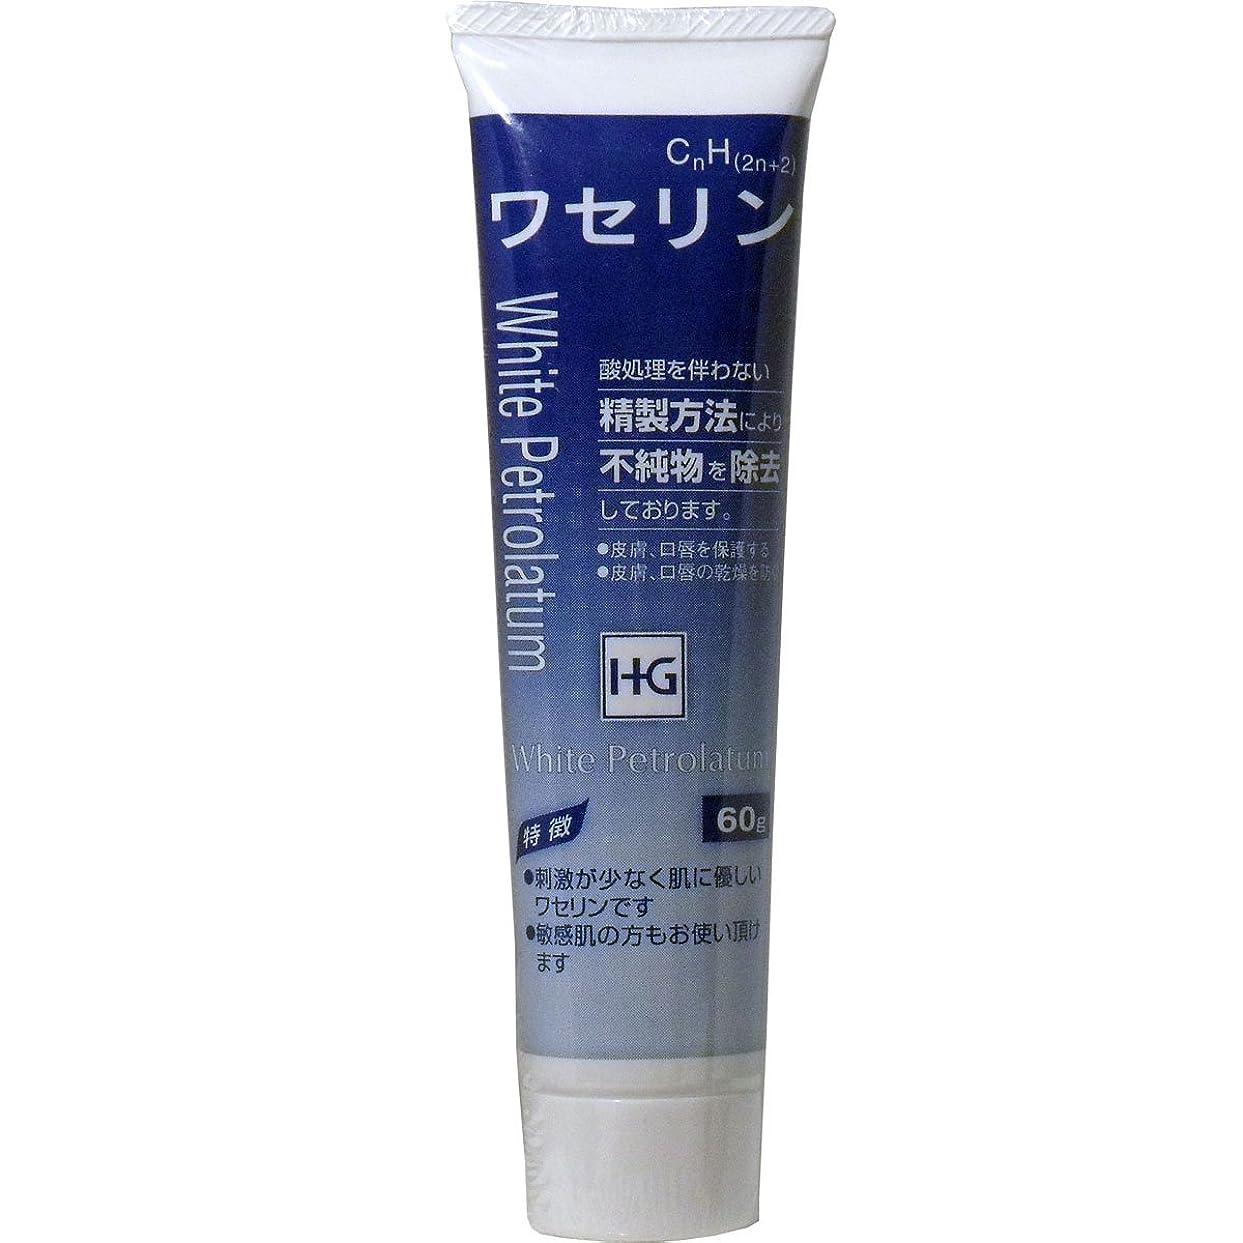 広げるメニュー上皮膚保護 ワセリンHG チューブ 60g入 ×5個セット